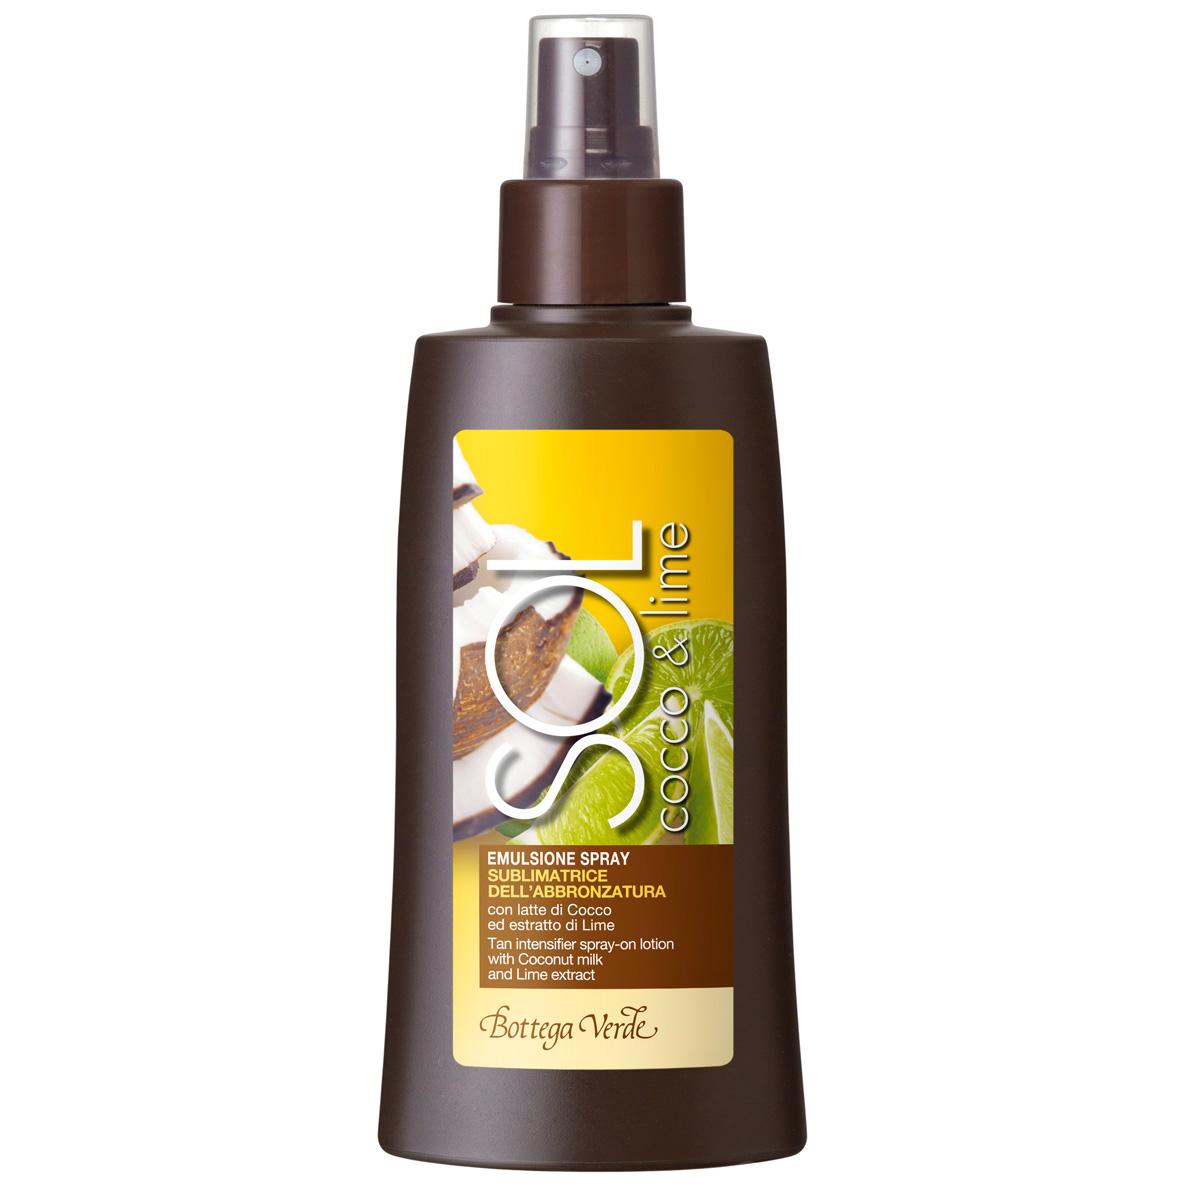 Protectie solara - Emulsie spray autobronzanta, cu lapte de cocos si extract de lime